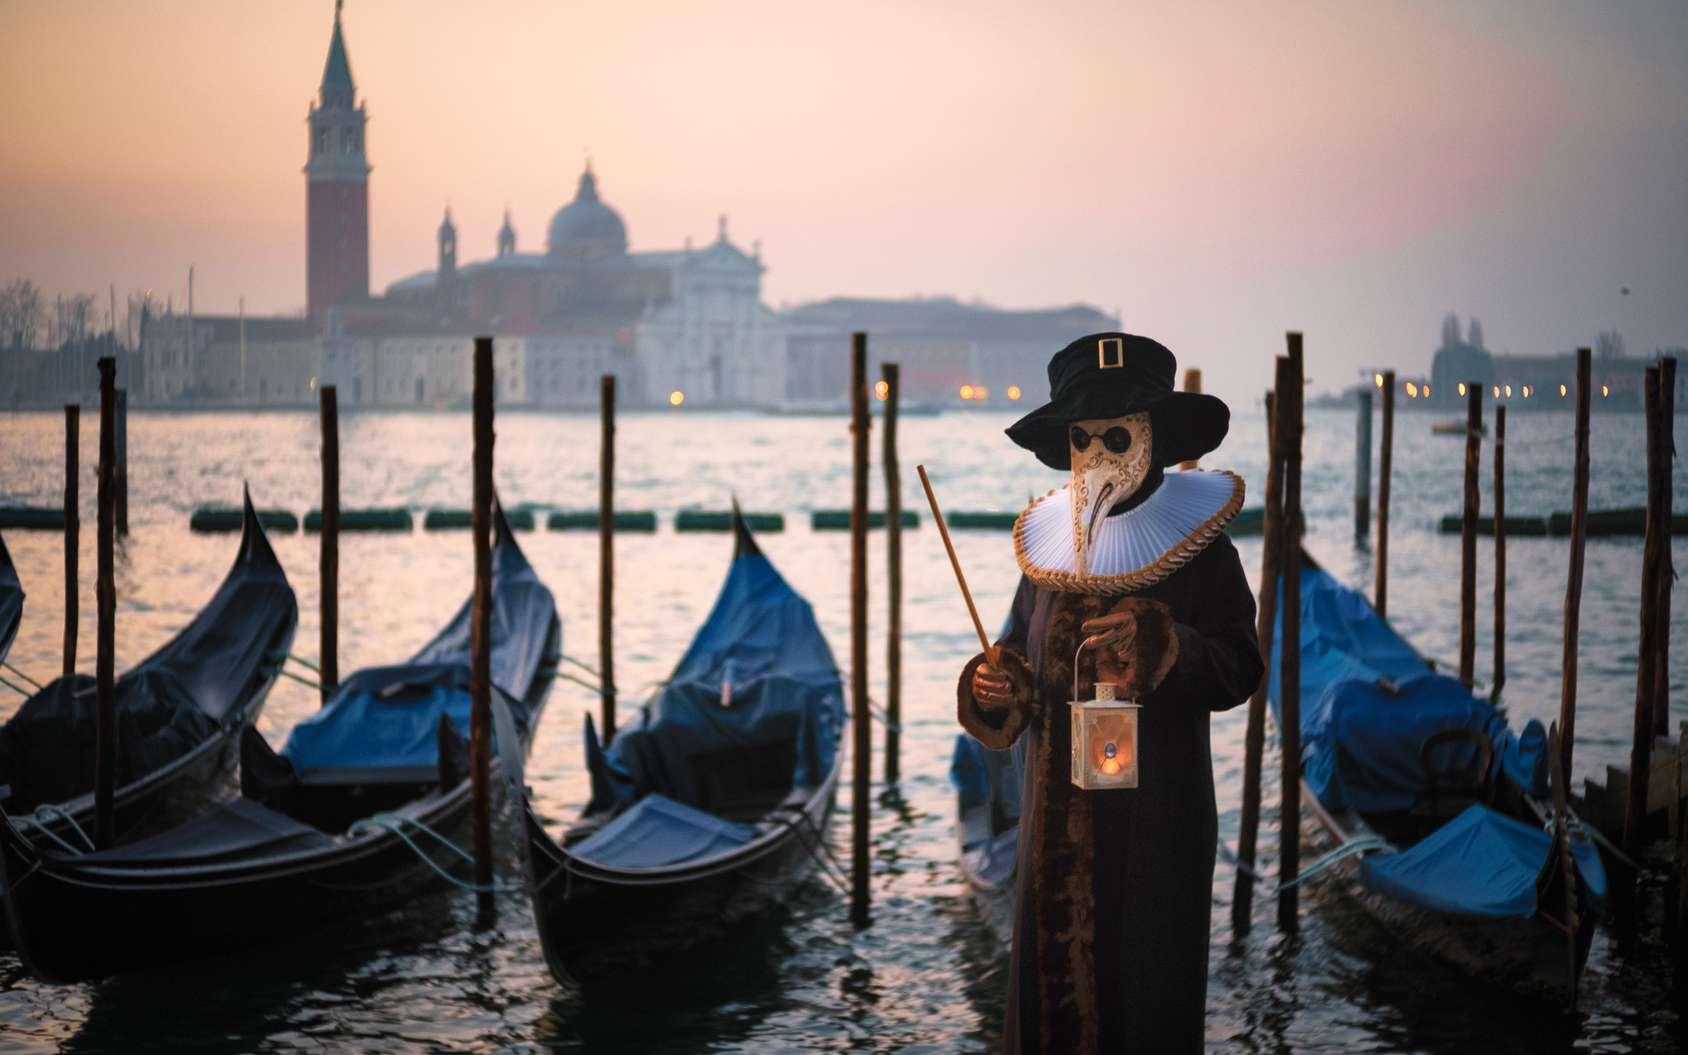 Le Carnaval de Venise commence 10 jours avant le mercredi des Cendres et continue jusque Mardi gras. © dejank1, Fotolia